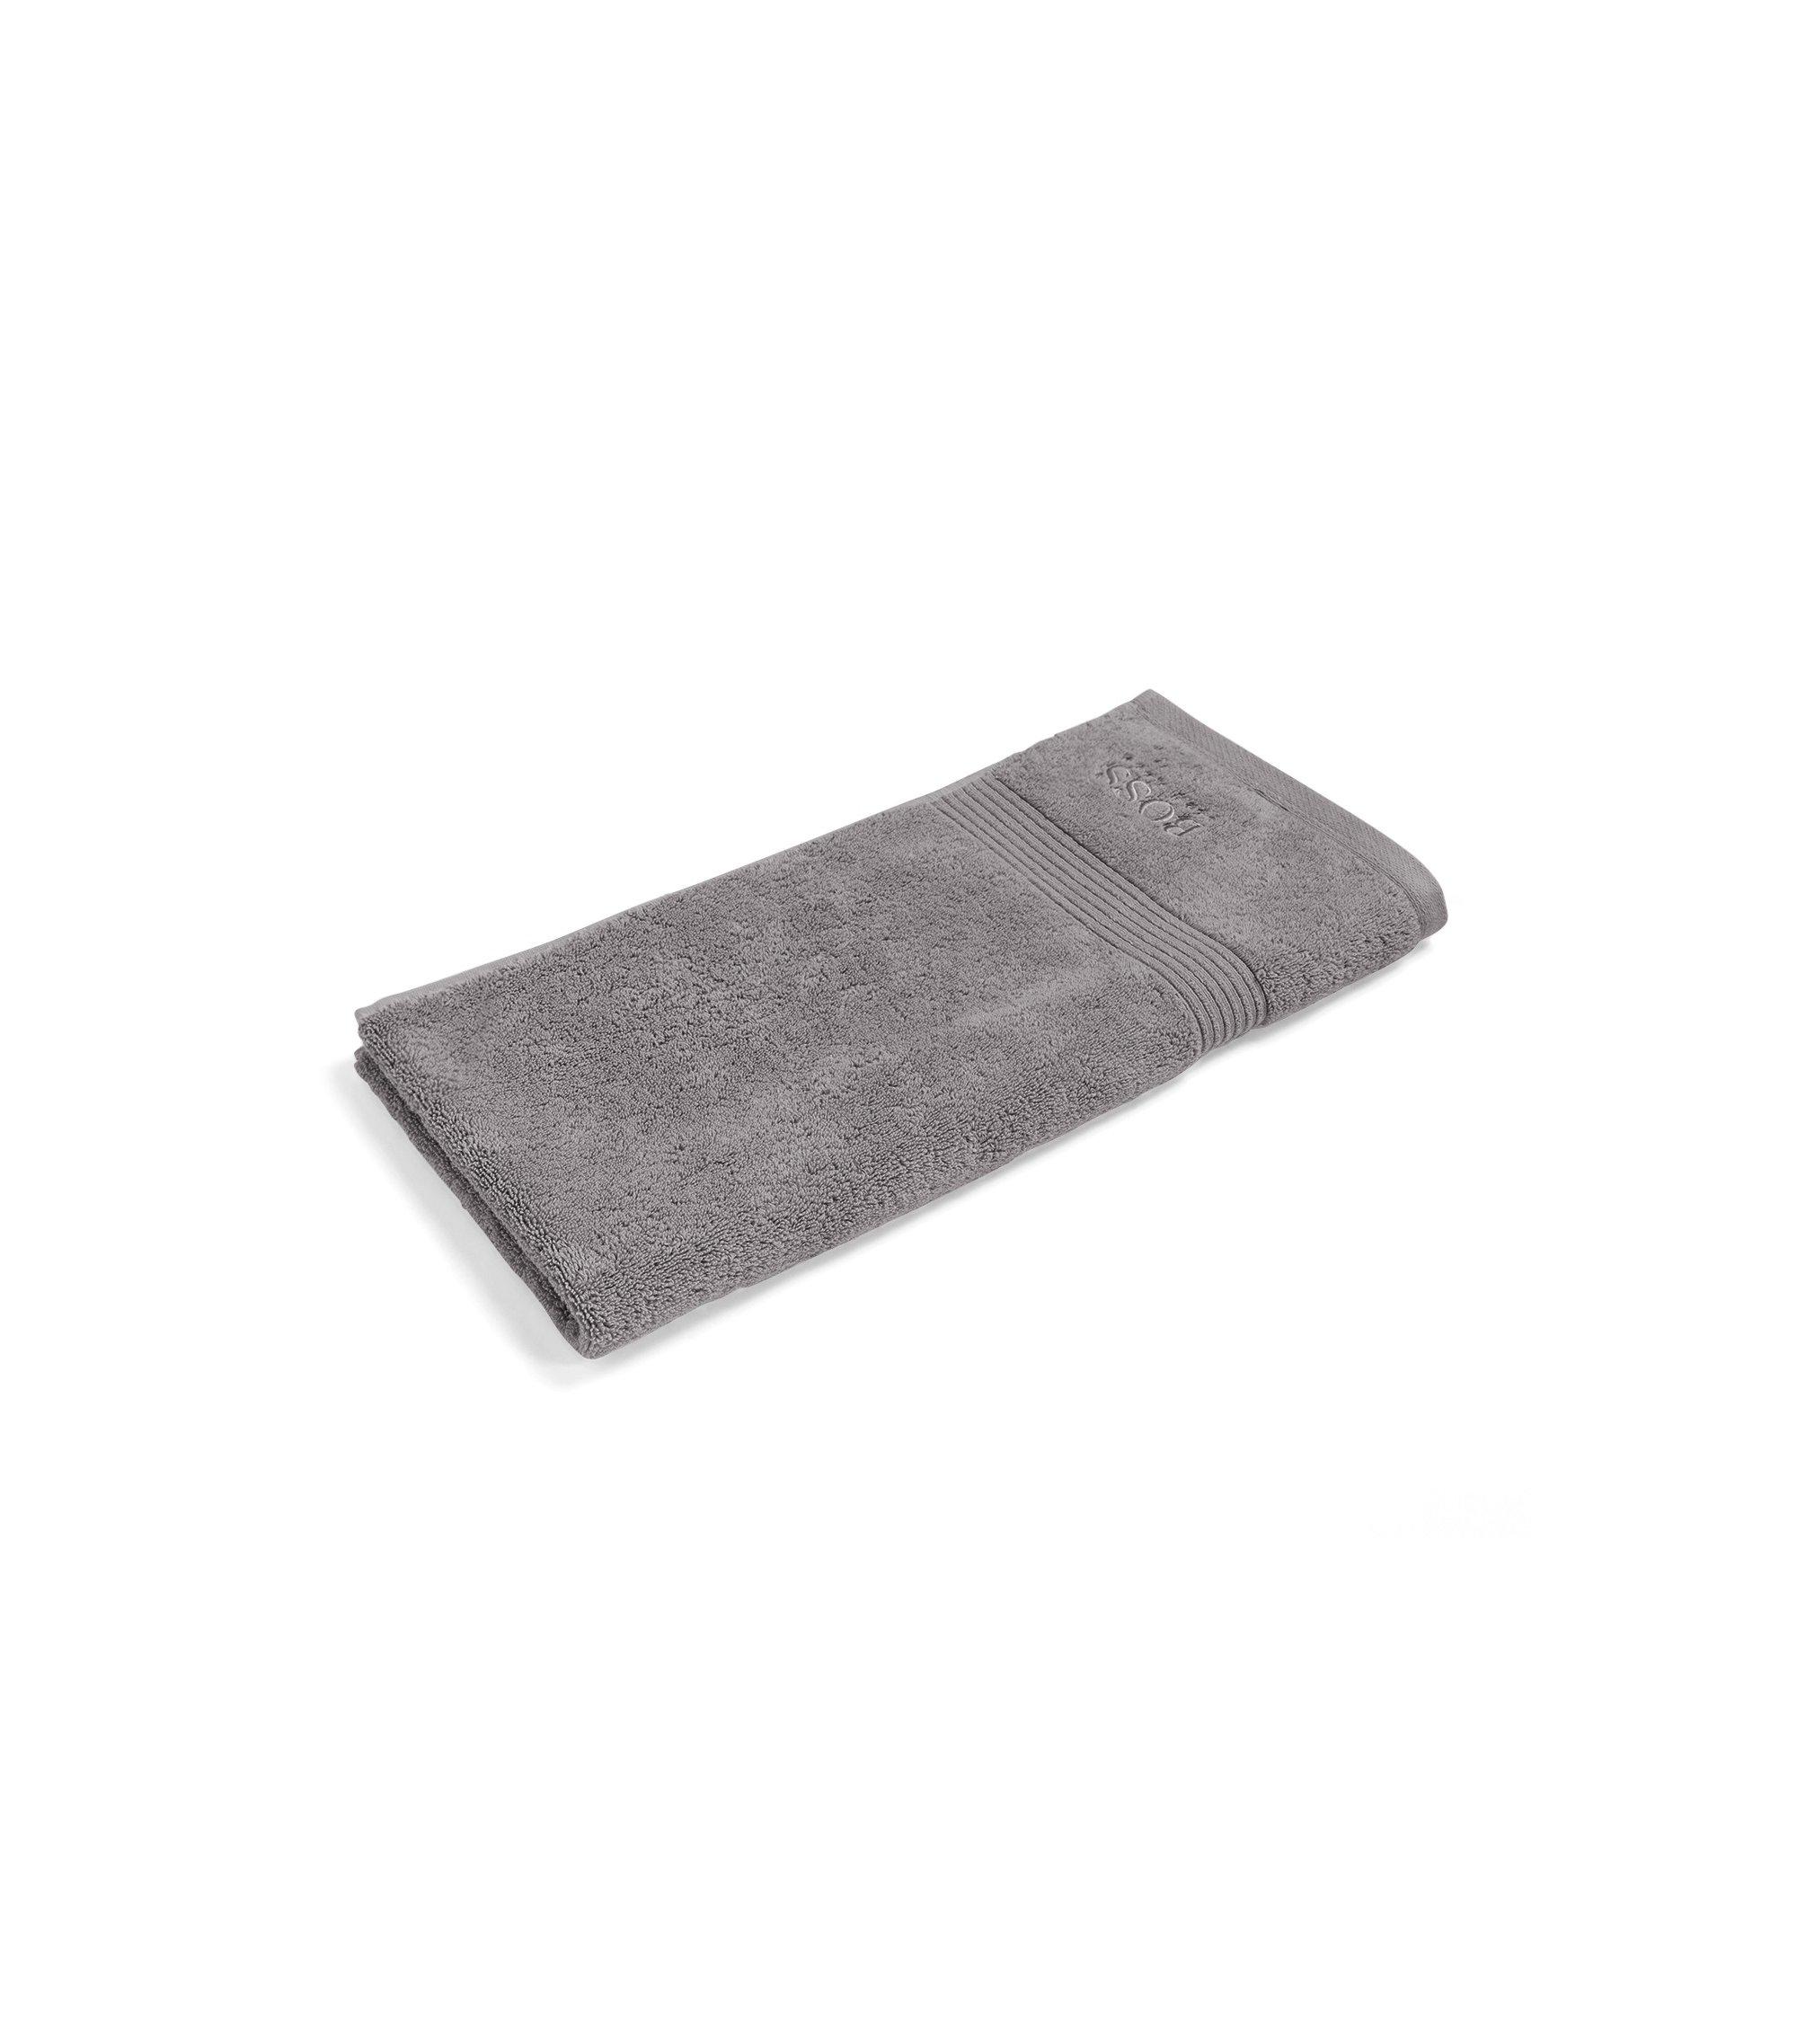 Toalla de mano en algodón peinado del Egeo con borde de canalé, Plata